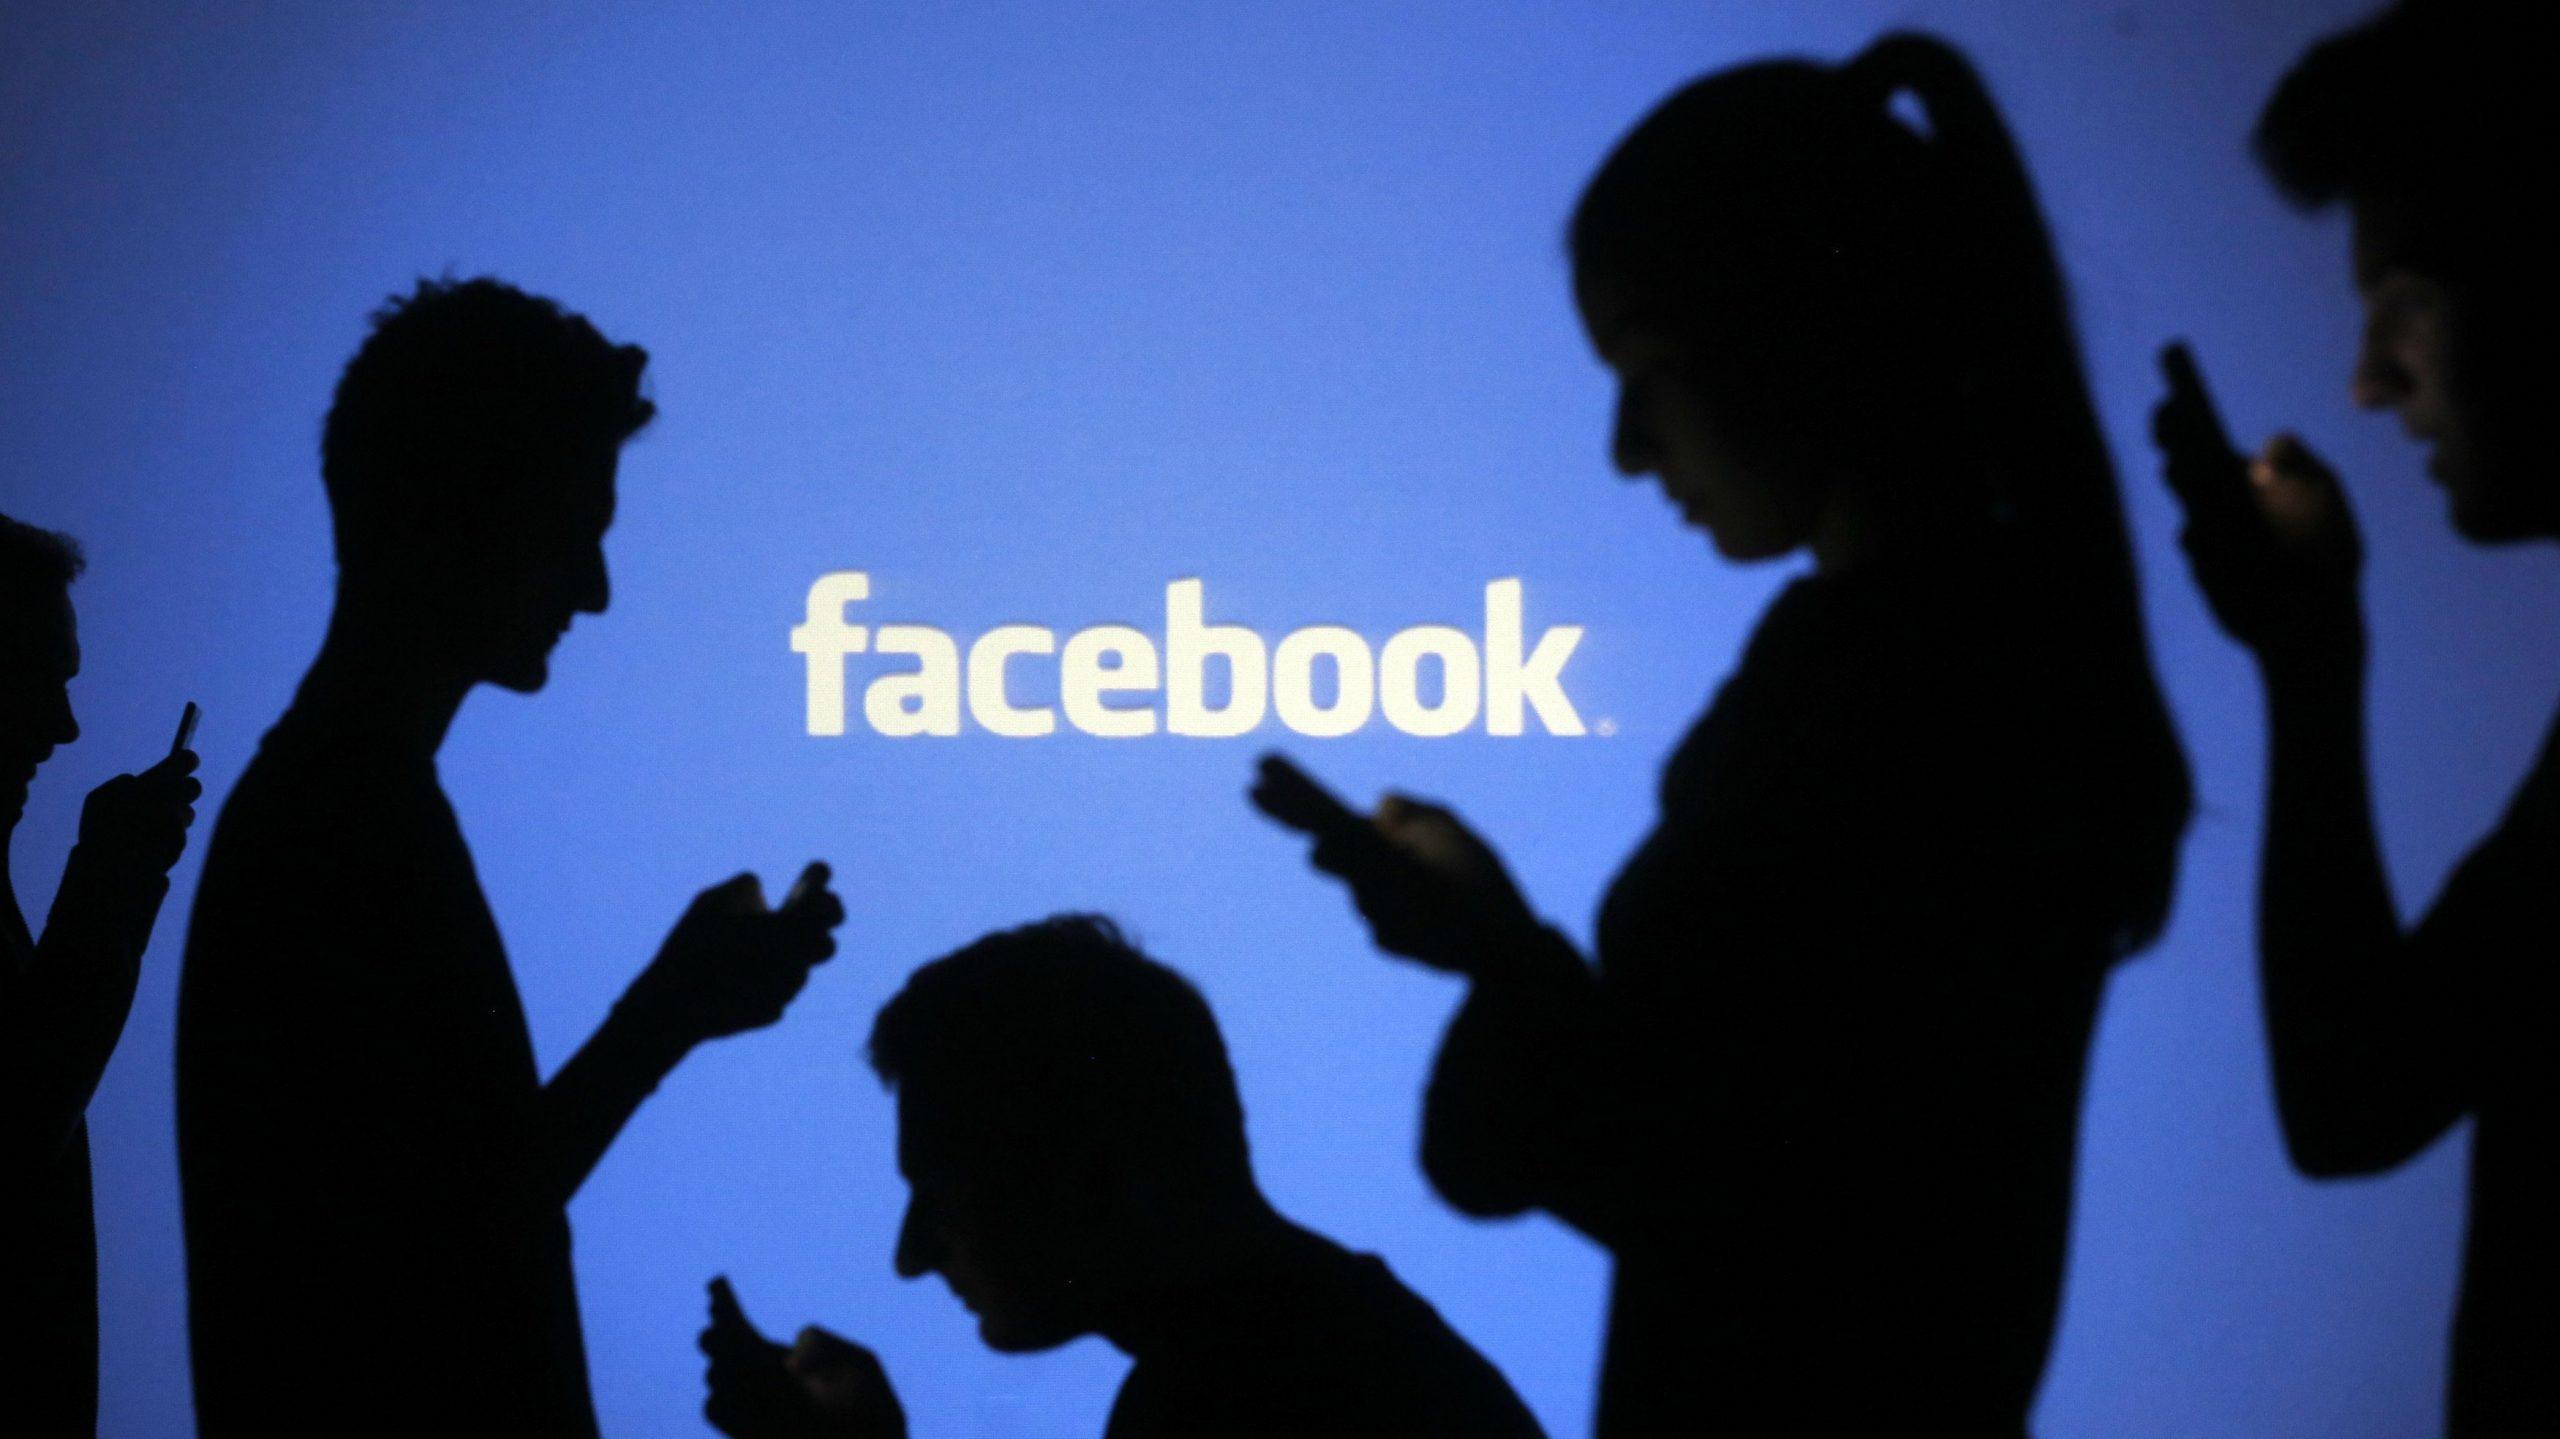 Facebook, Arrêt Des Annonces électorales Dans Les Jours Précédant Les